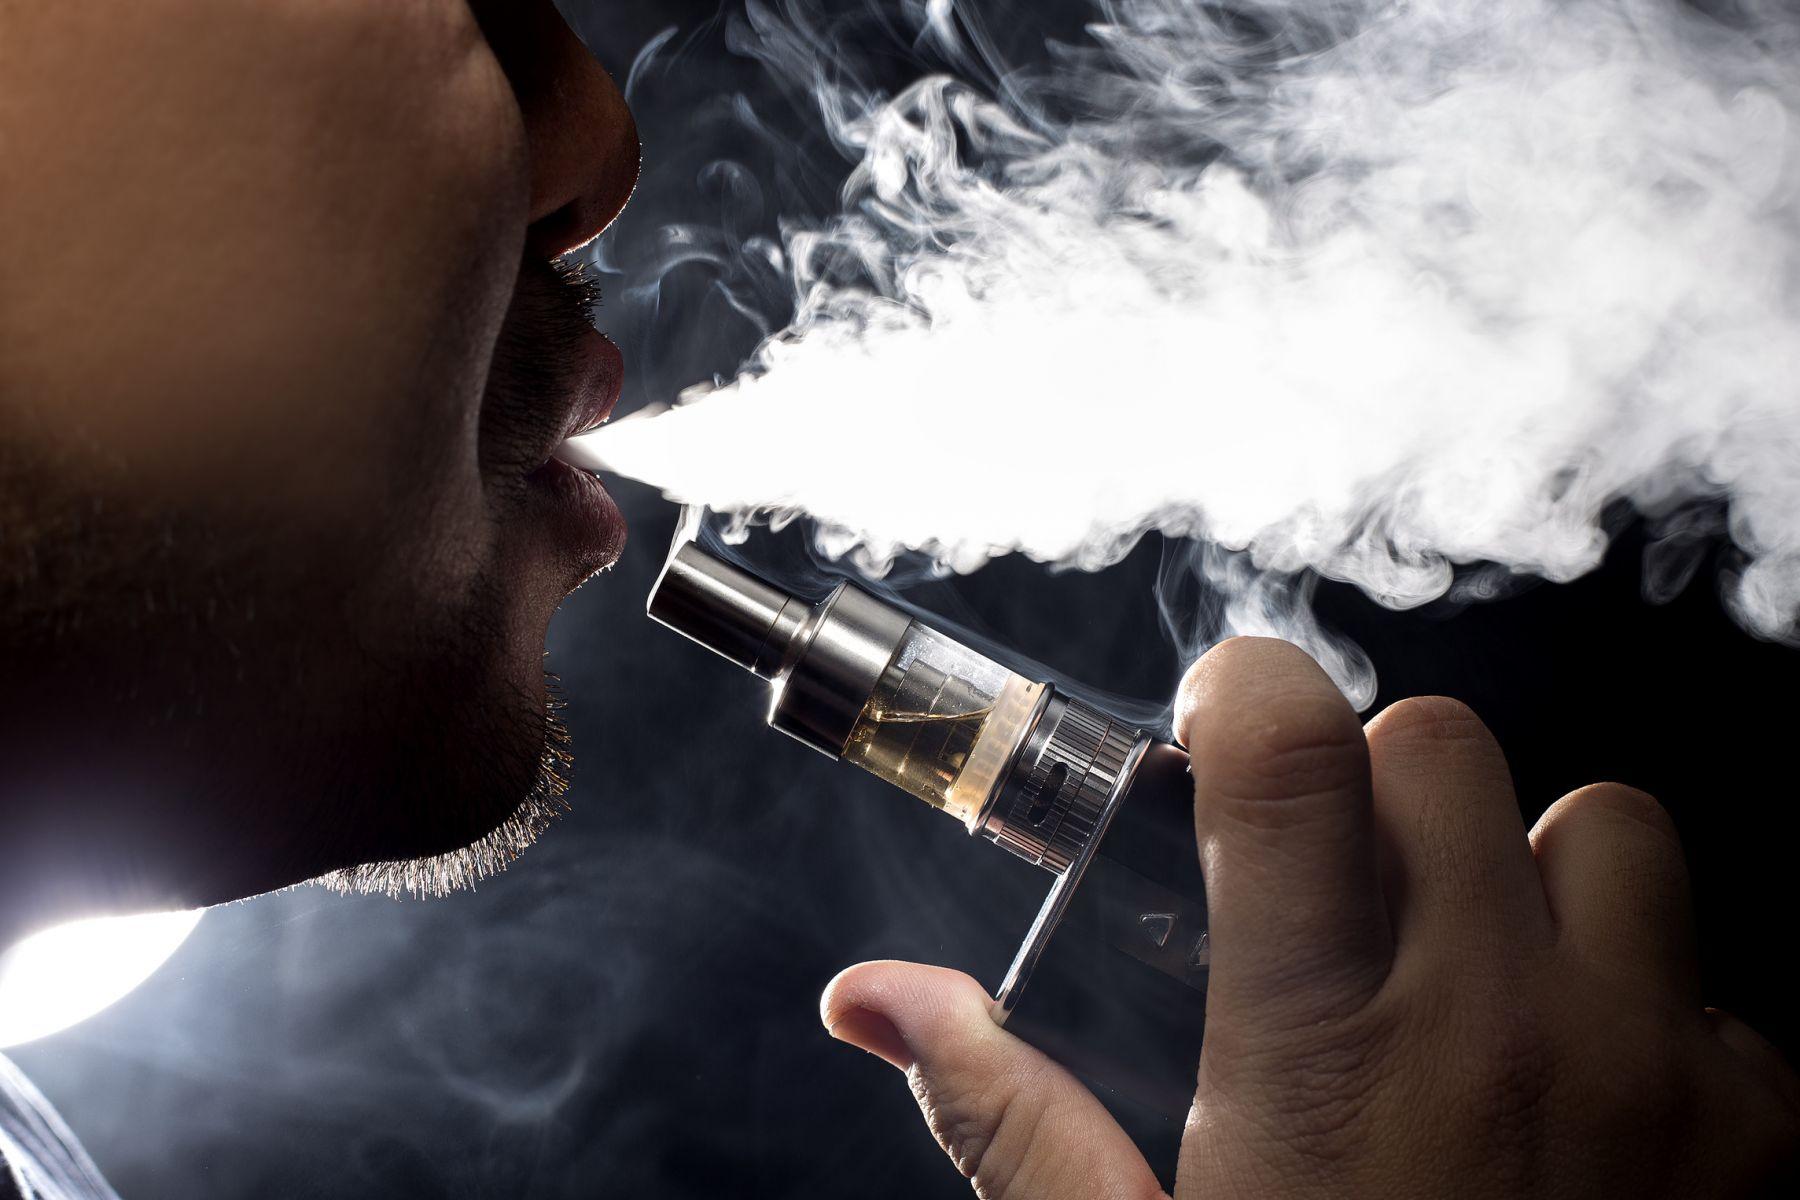 電子菸致神祕肺病!研究:無尼古丁也很毒,吸一次影響血液循環